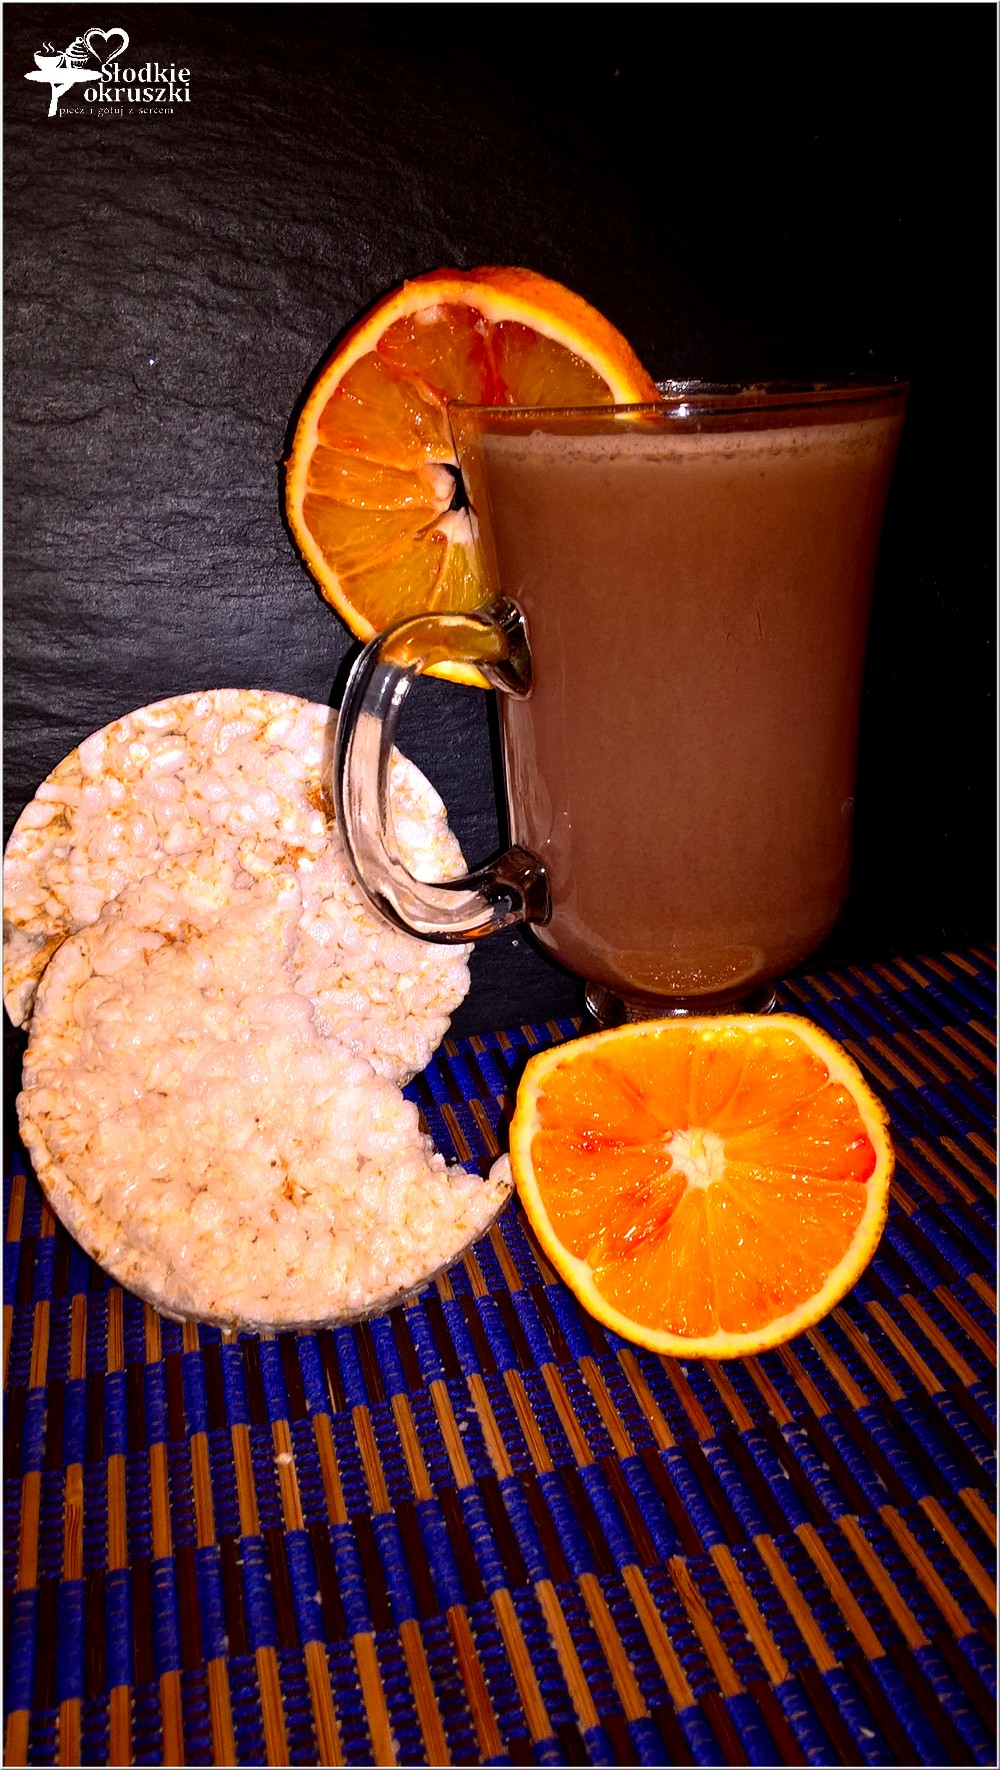 pomaranczowe-kakao-z-nuta-cynamonu-1